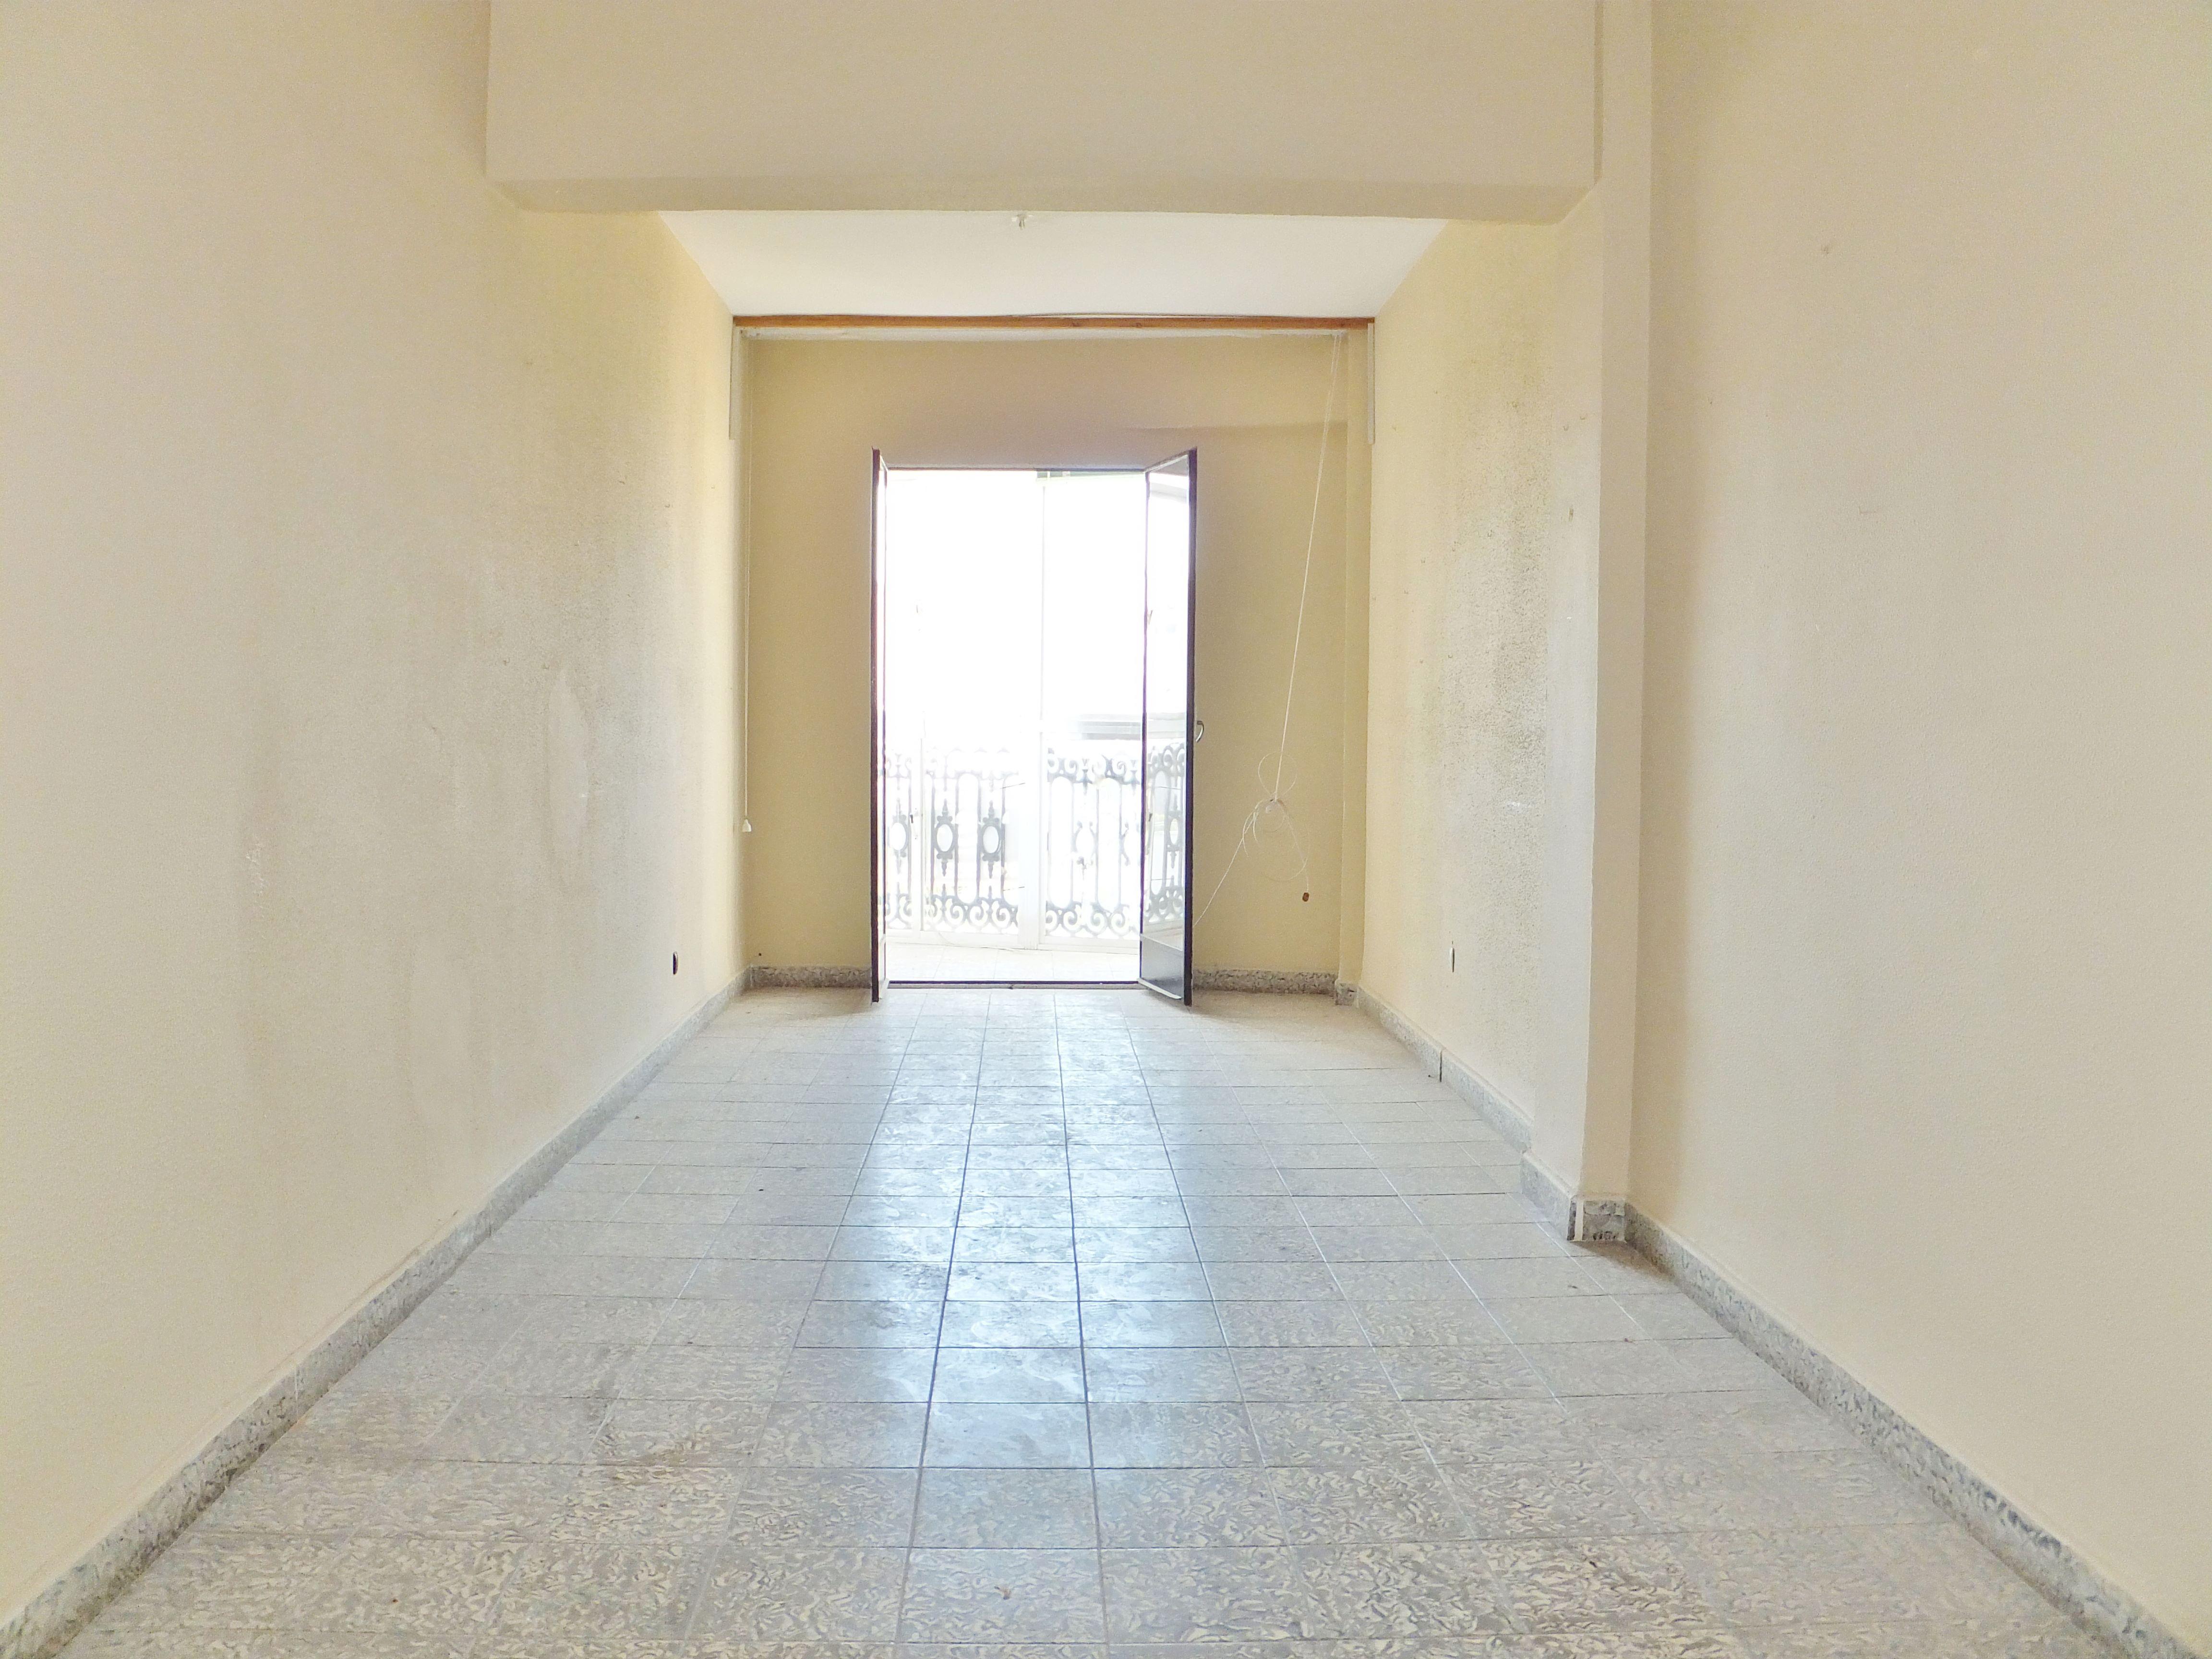 Dscf4324 inmobiliaria piquer for Oficina catastro almeria